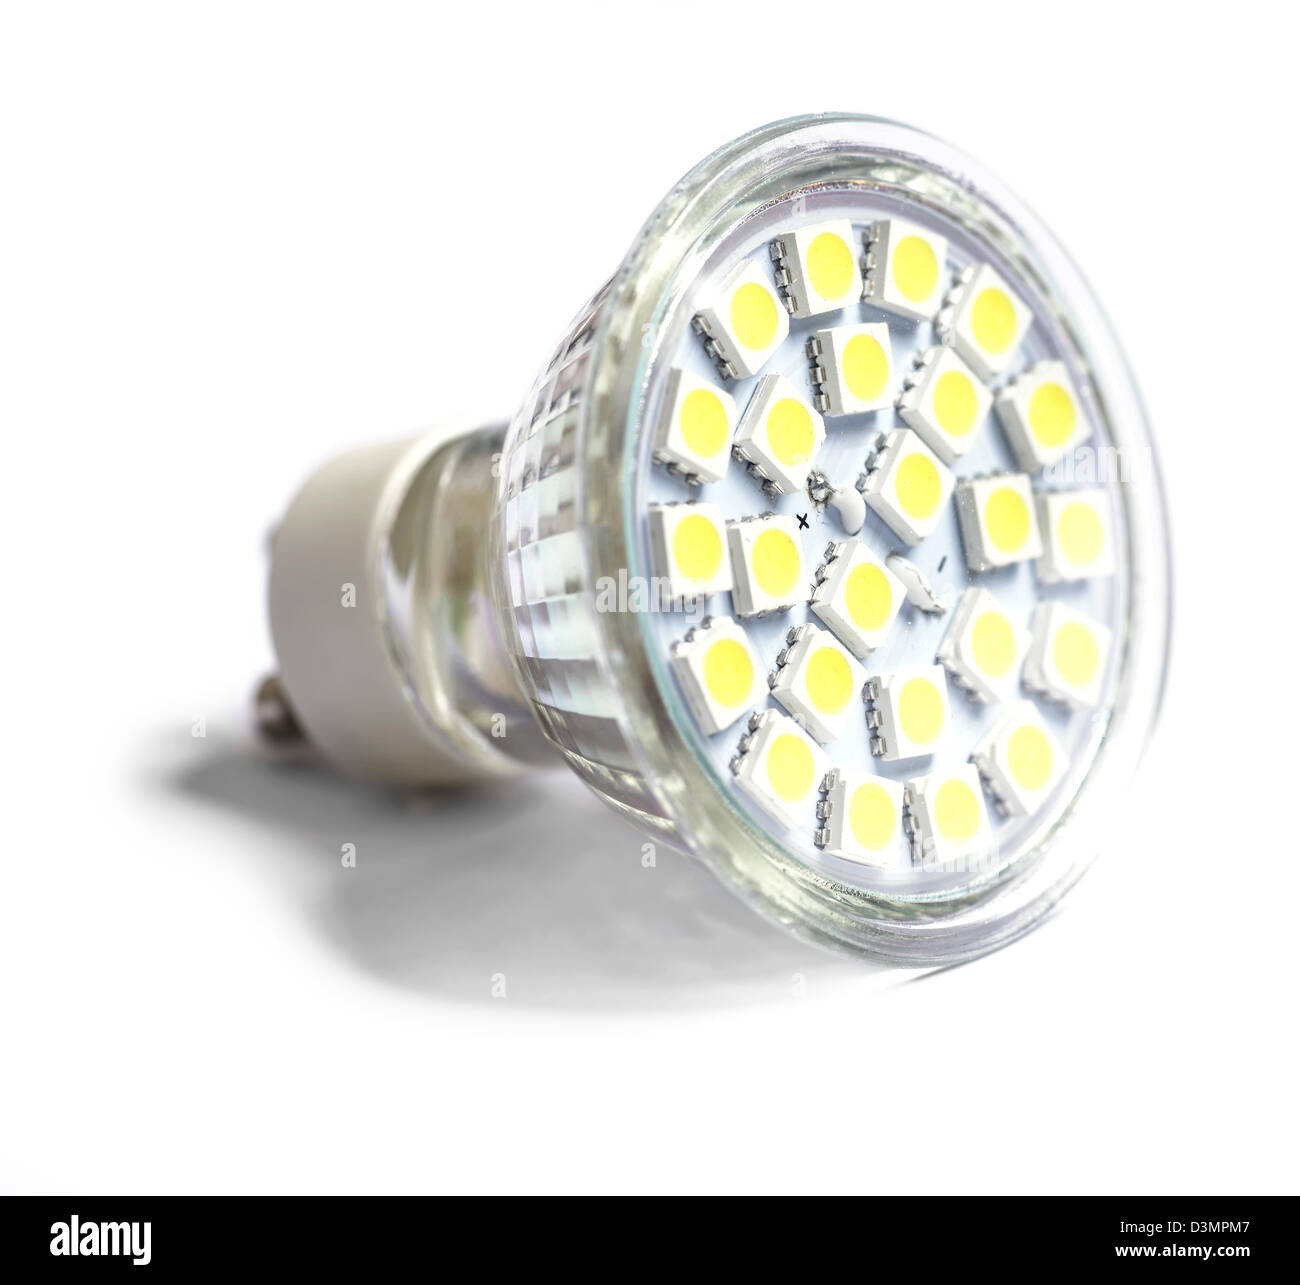 Basso consumo di energia LED lampadina faretto Immagini Stock